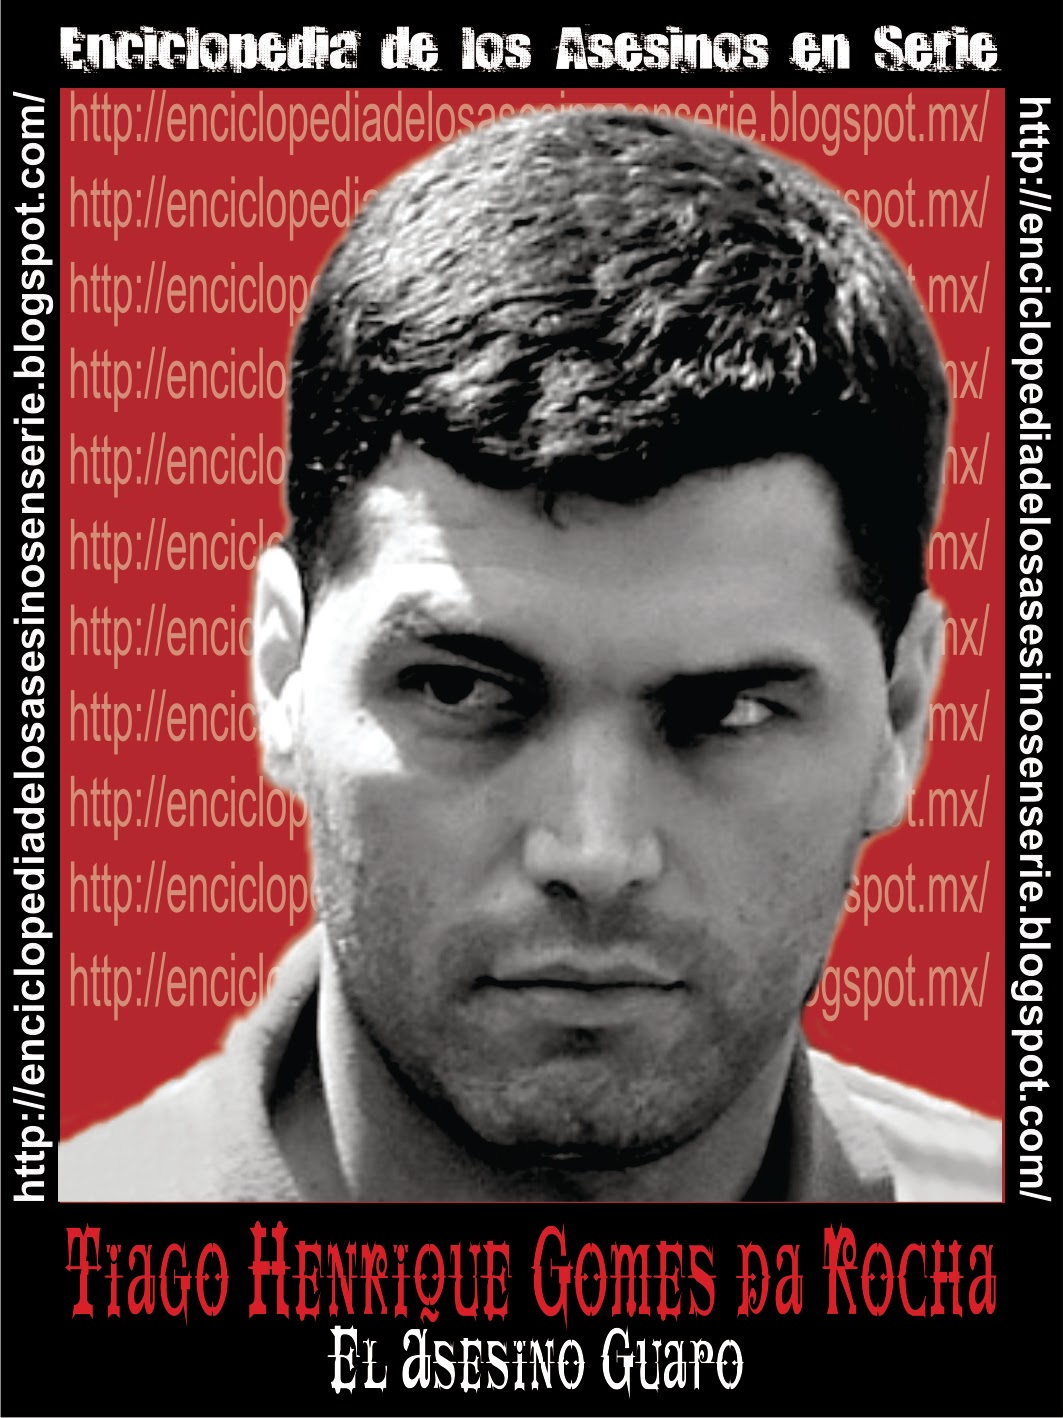 Enciclopedia de los Asesinos en Serie